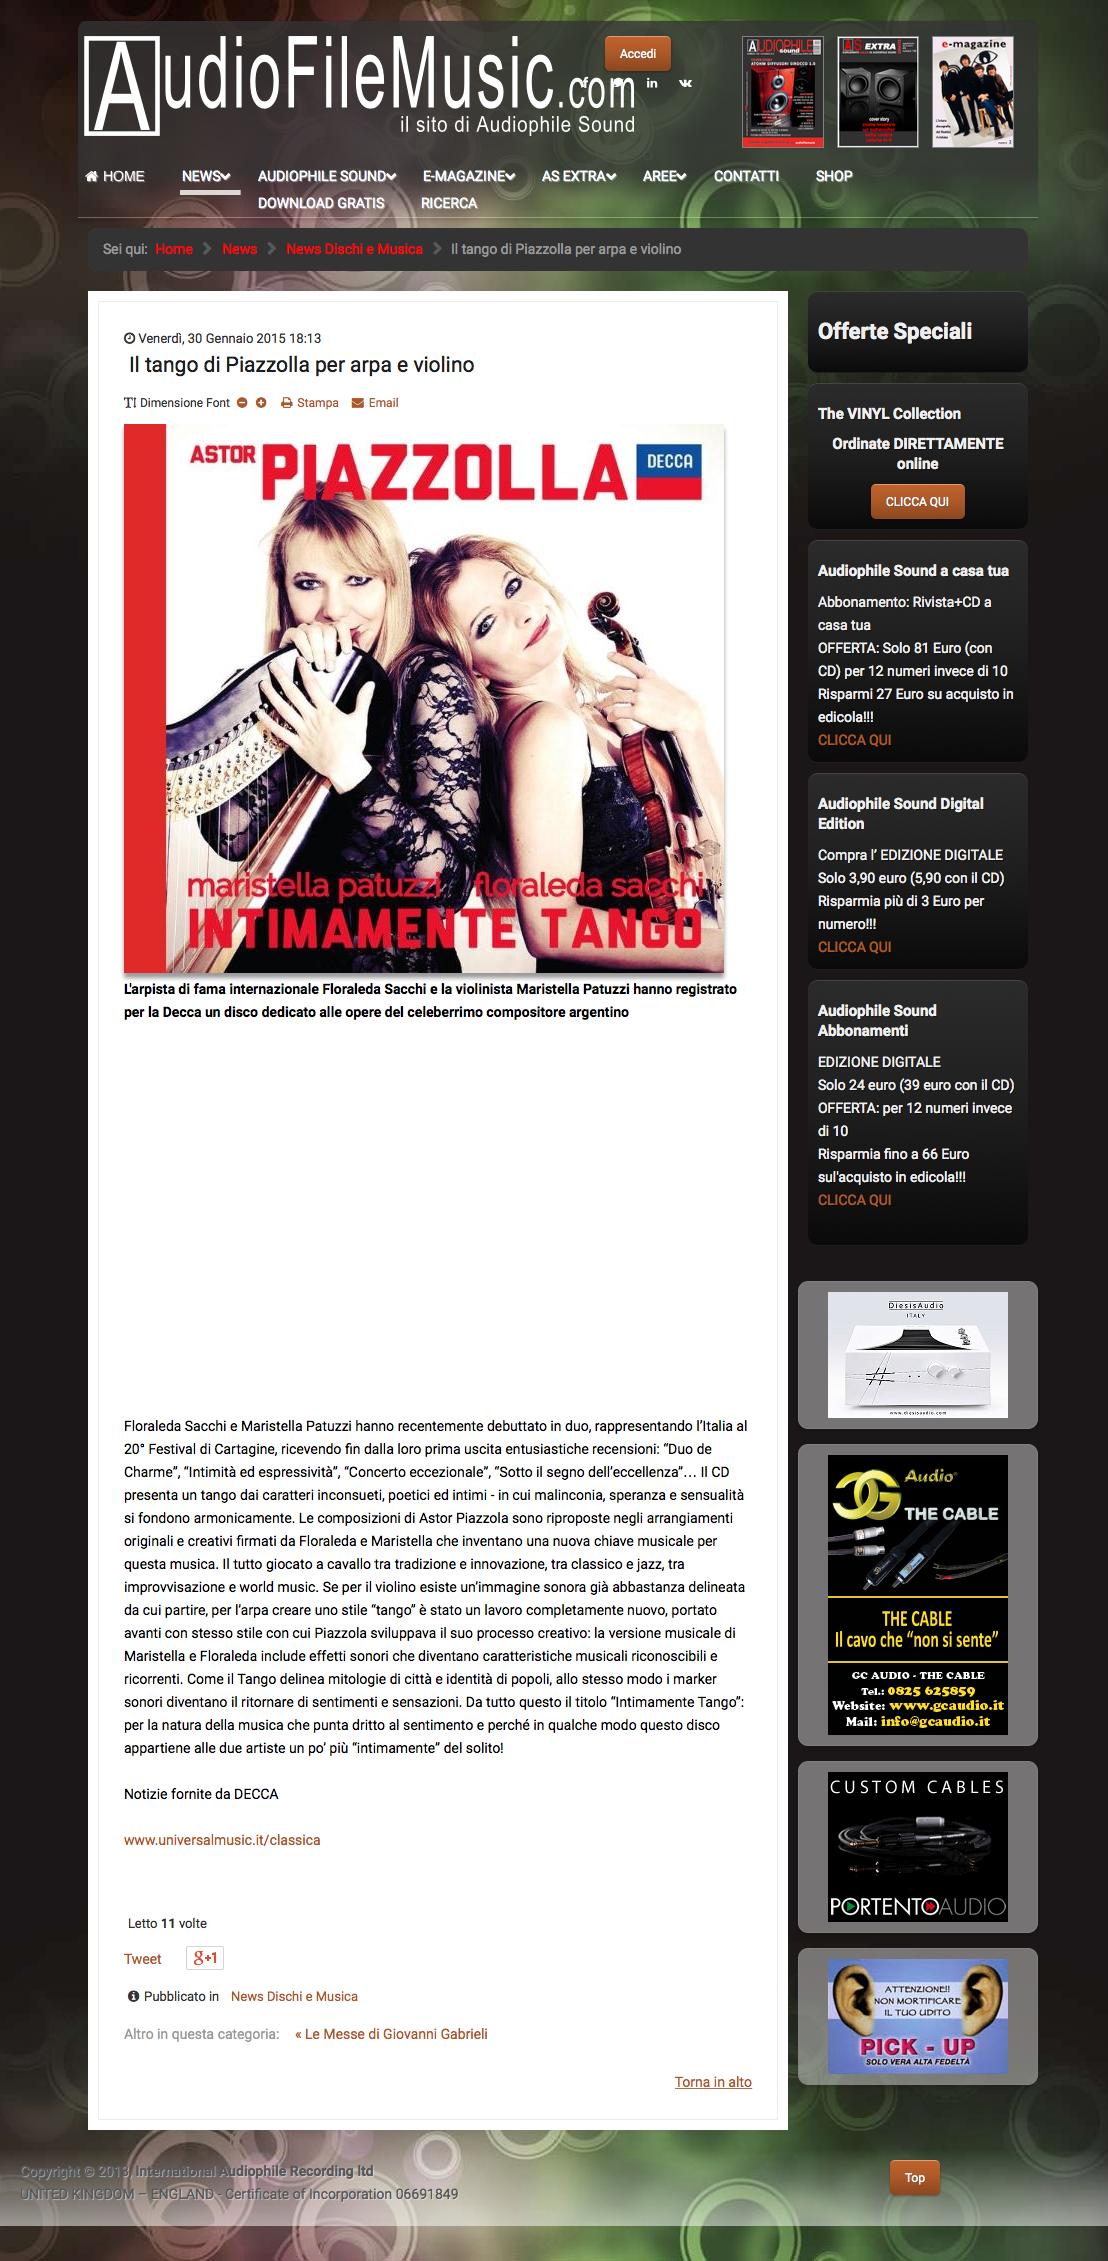 audiofilemusic.com